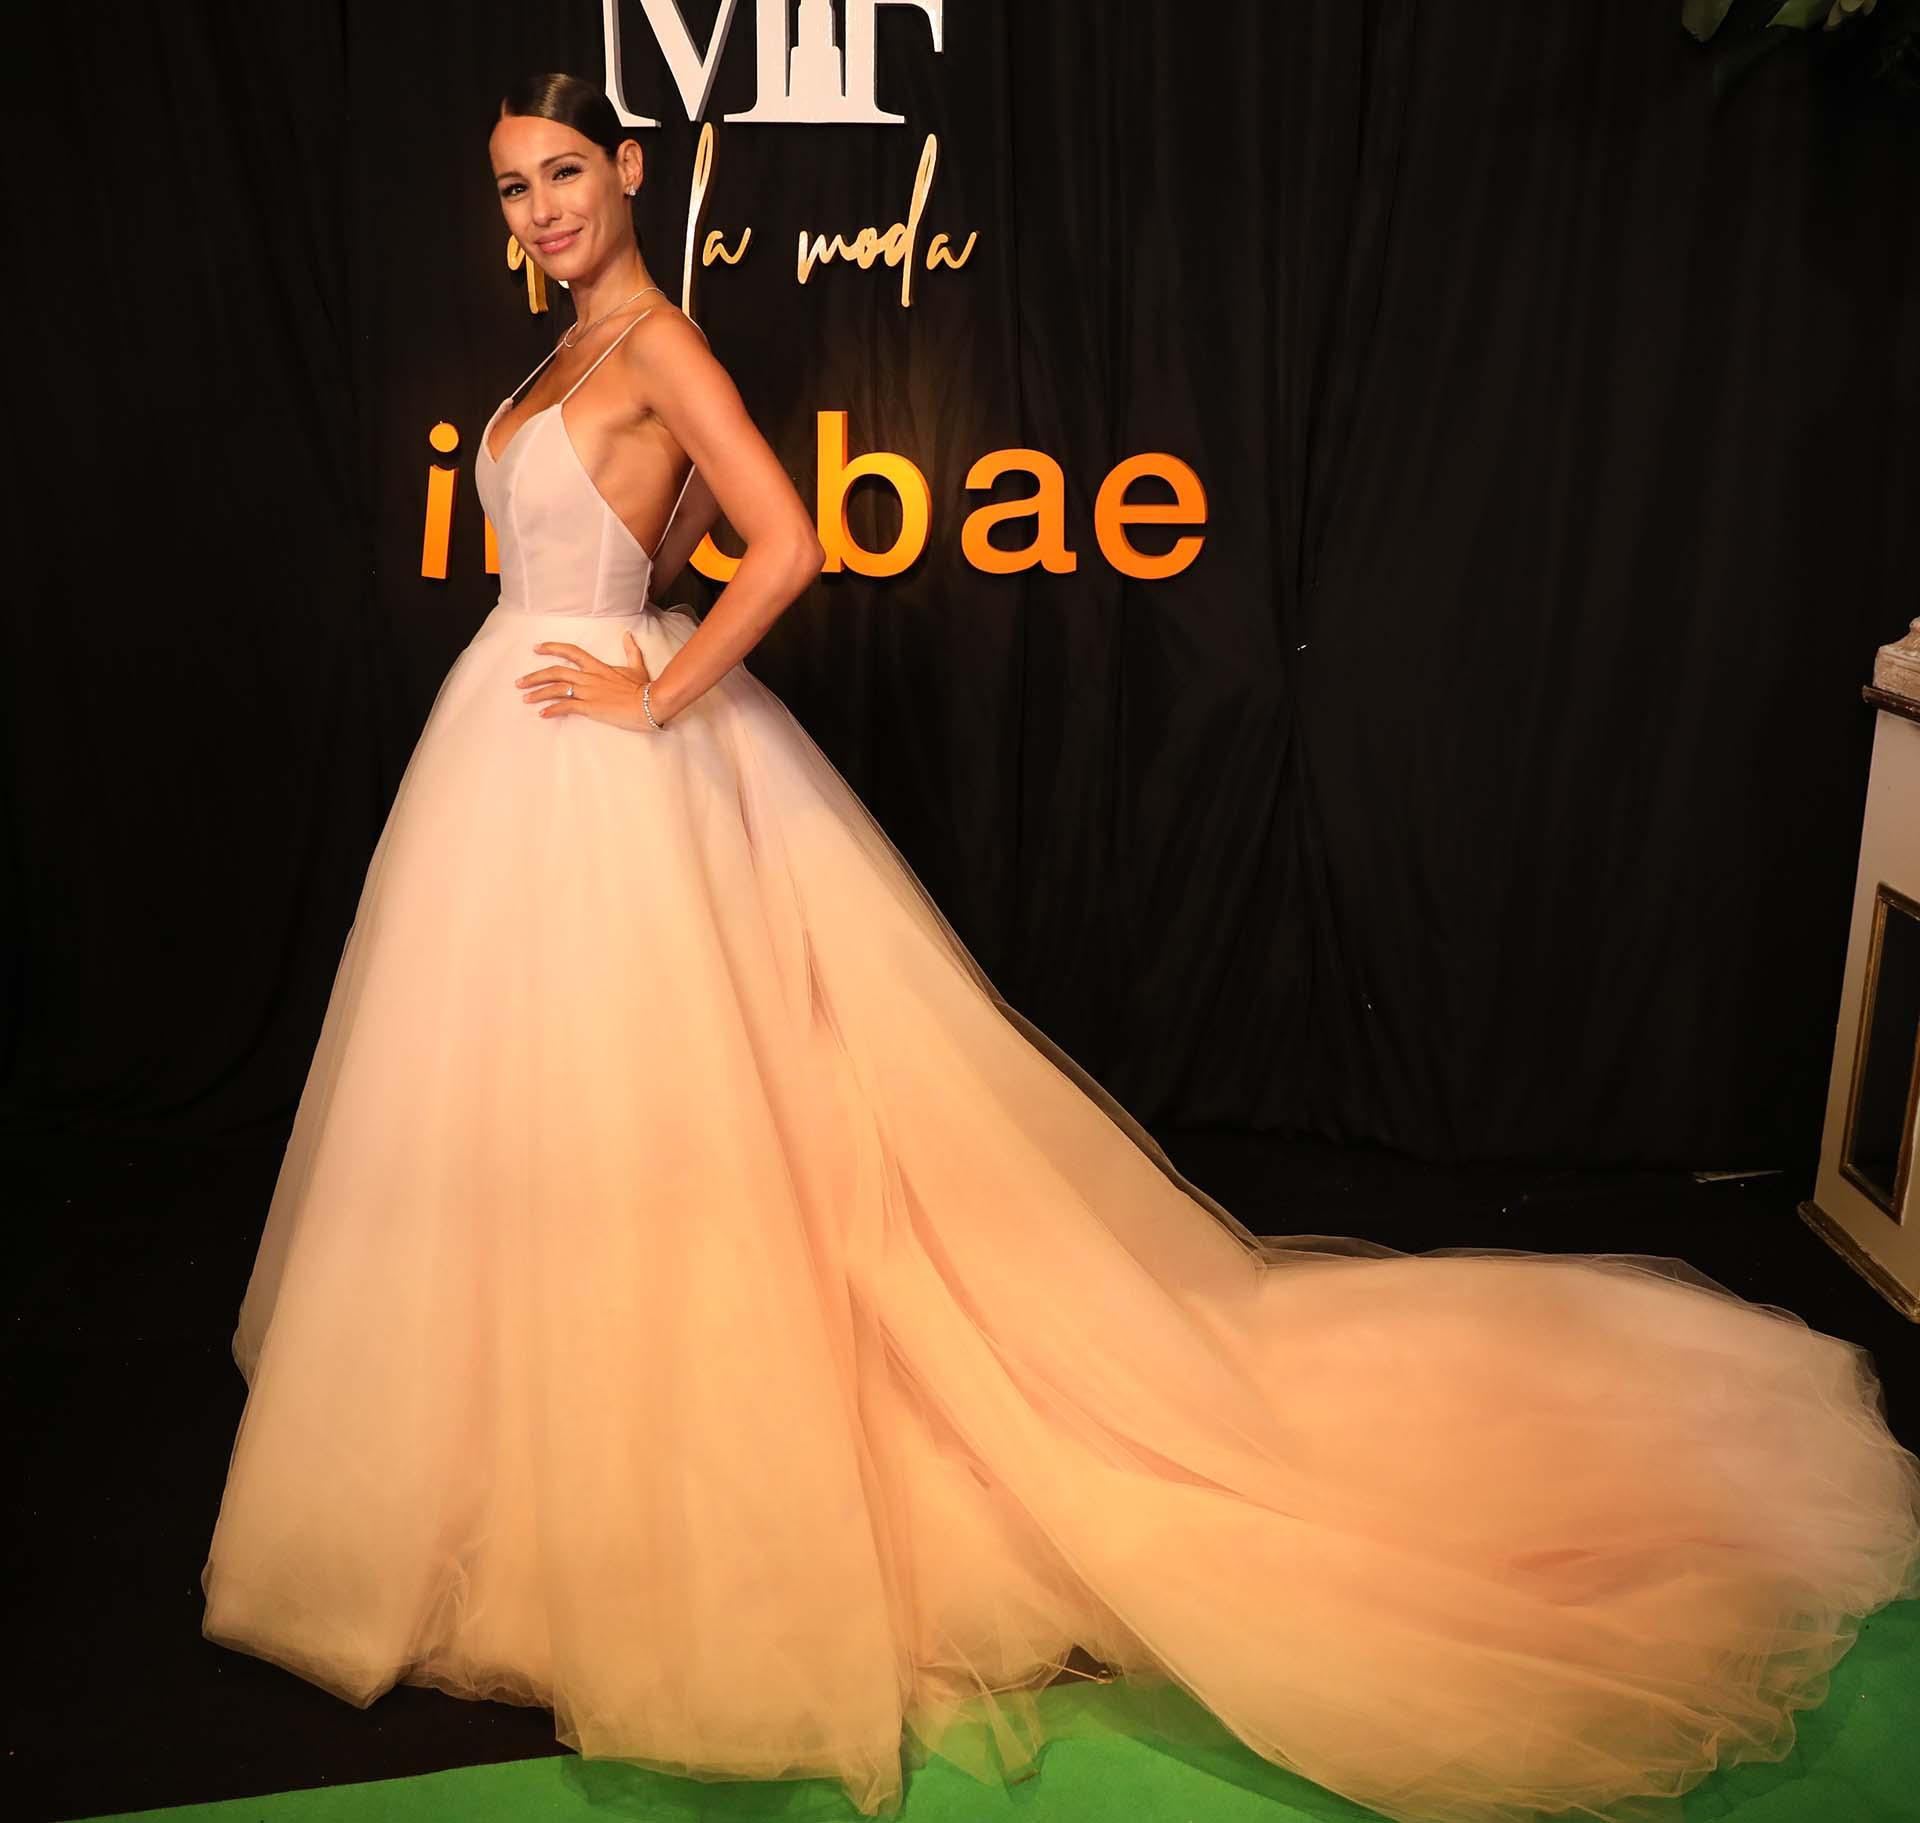 La modelo y conductora Pampita Ardohain en la green carpet con un vestido de Jorge Rey. Ella se quedó con la estatuilla a la mejor alfombra roja por lucir un vestido de María Gorof